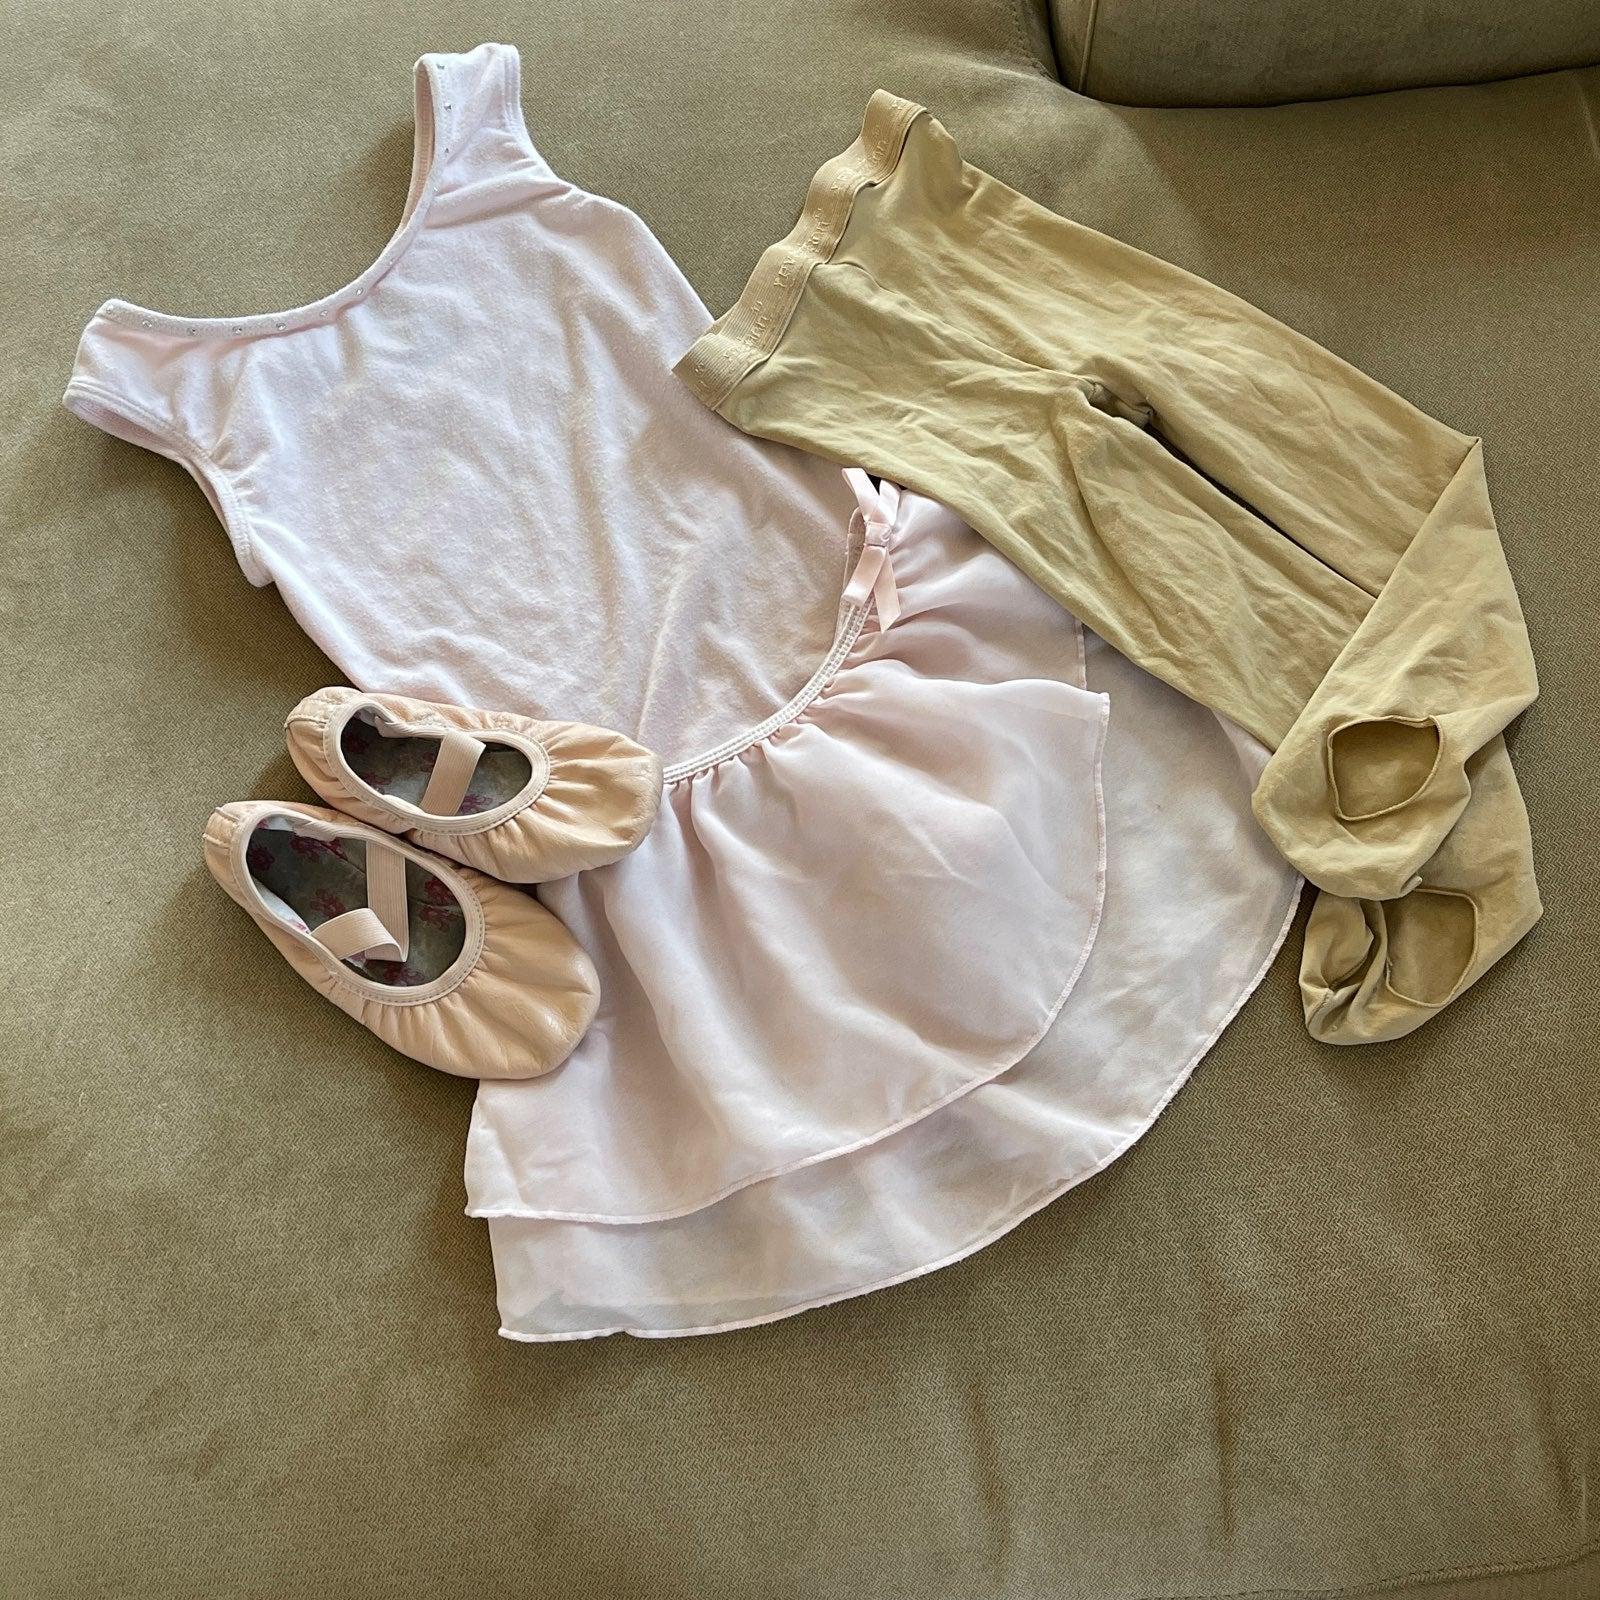 Little girl ballet suits & shoes bundle